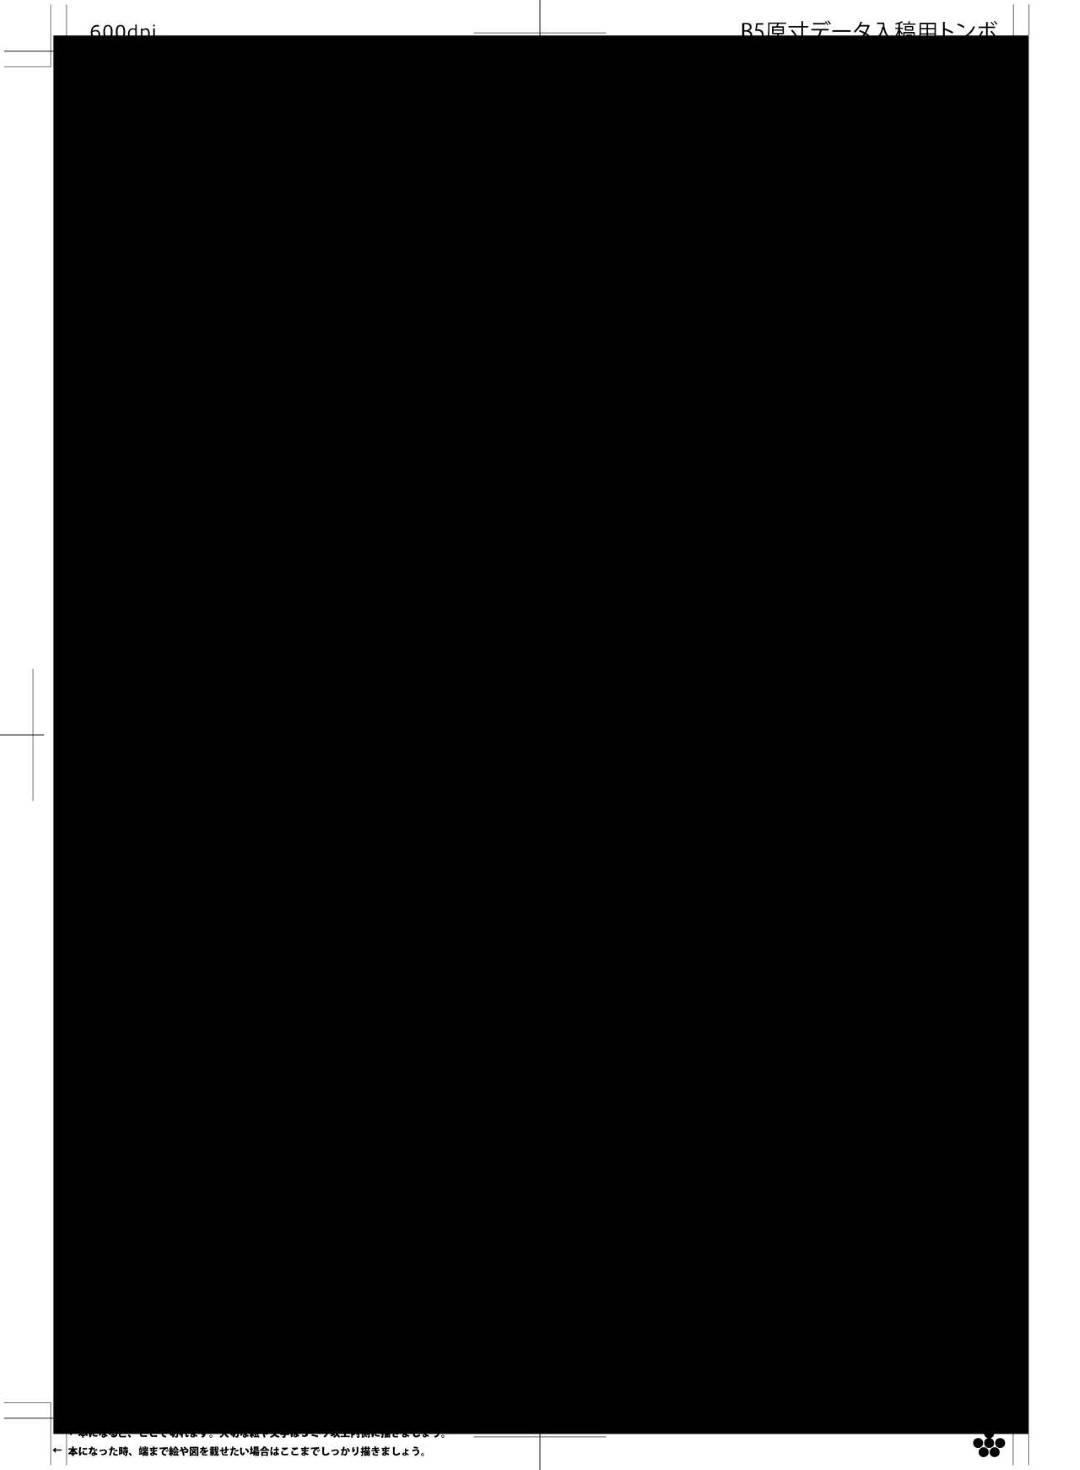 【エロ同人誌】レイプされた写真をネタに脅されるグラーフは言いなりになって犯され続けていたが、突然秘書艦から解任され戻るために男達と同意の上でセックスをする!【あるばーCorp. (Alber):レイプされ脅され拒絶されそしてグラーフは… /艦隊これくしょん -艦これ-】